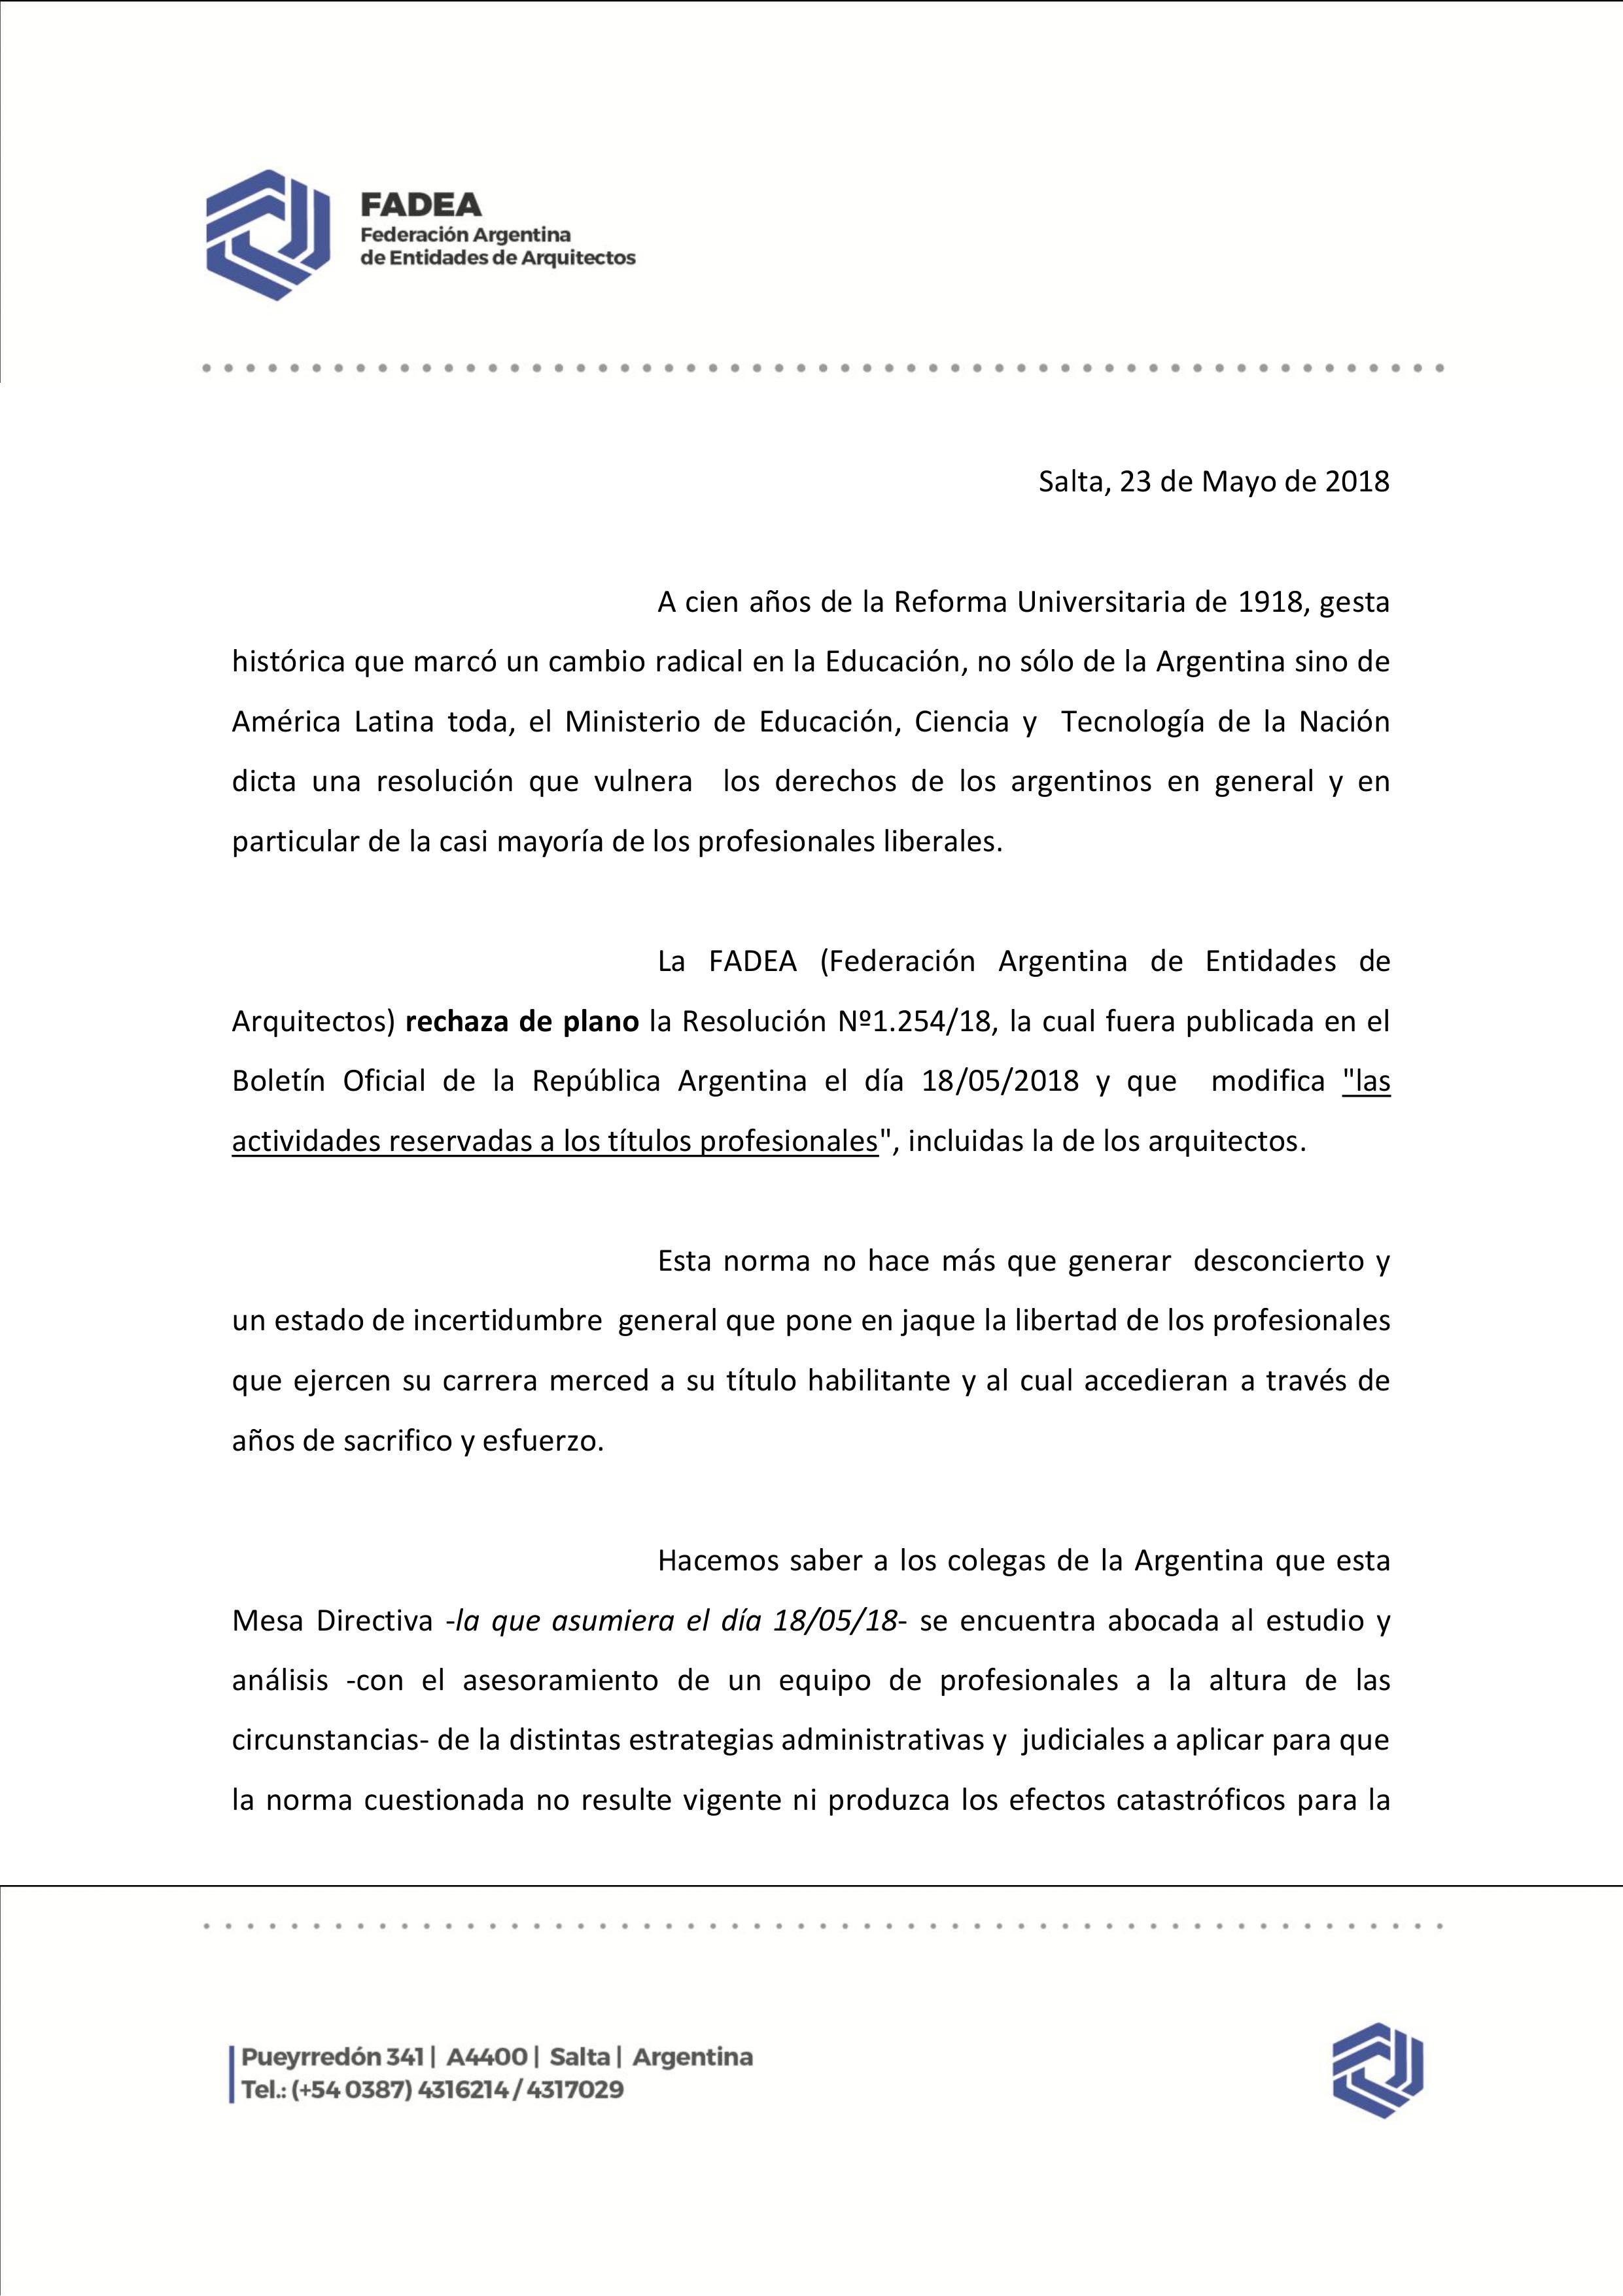 Comunicado de Prensa FADEA – Resol 1254/18 – Colegio de Arquitectos ...